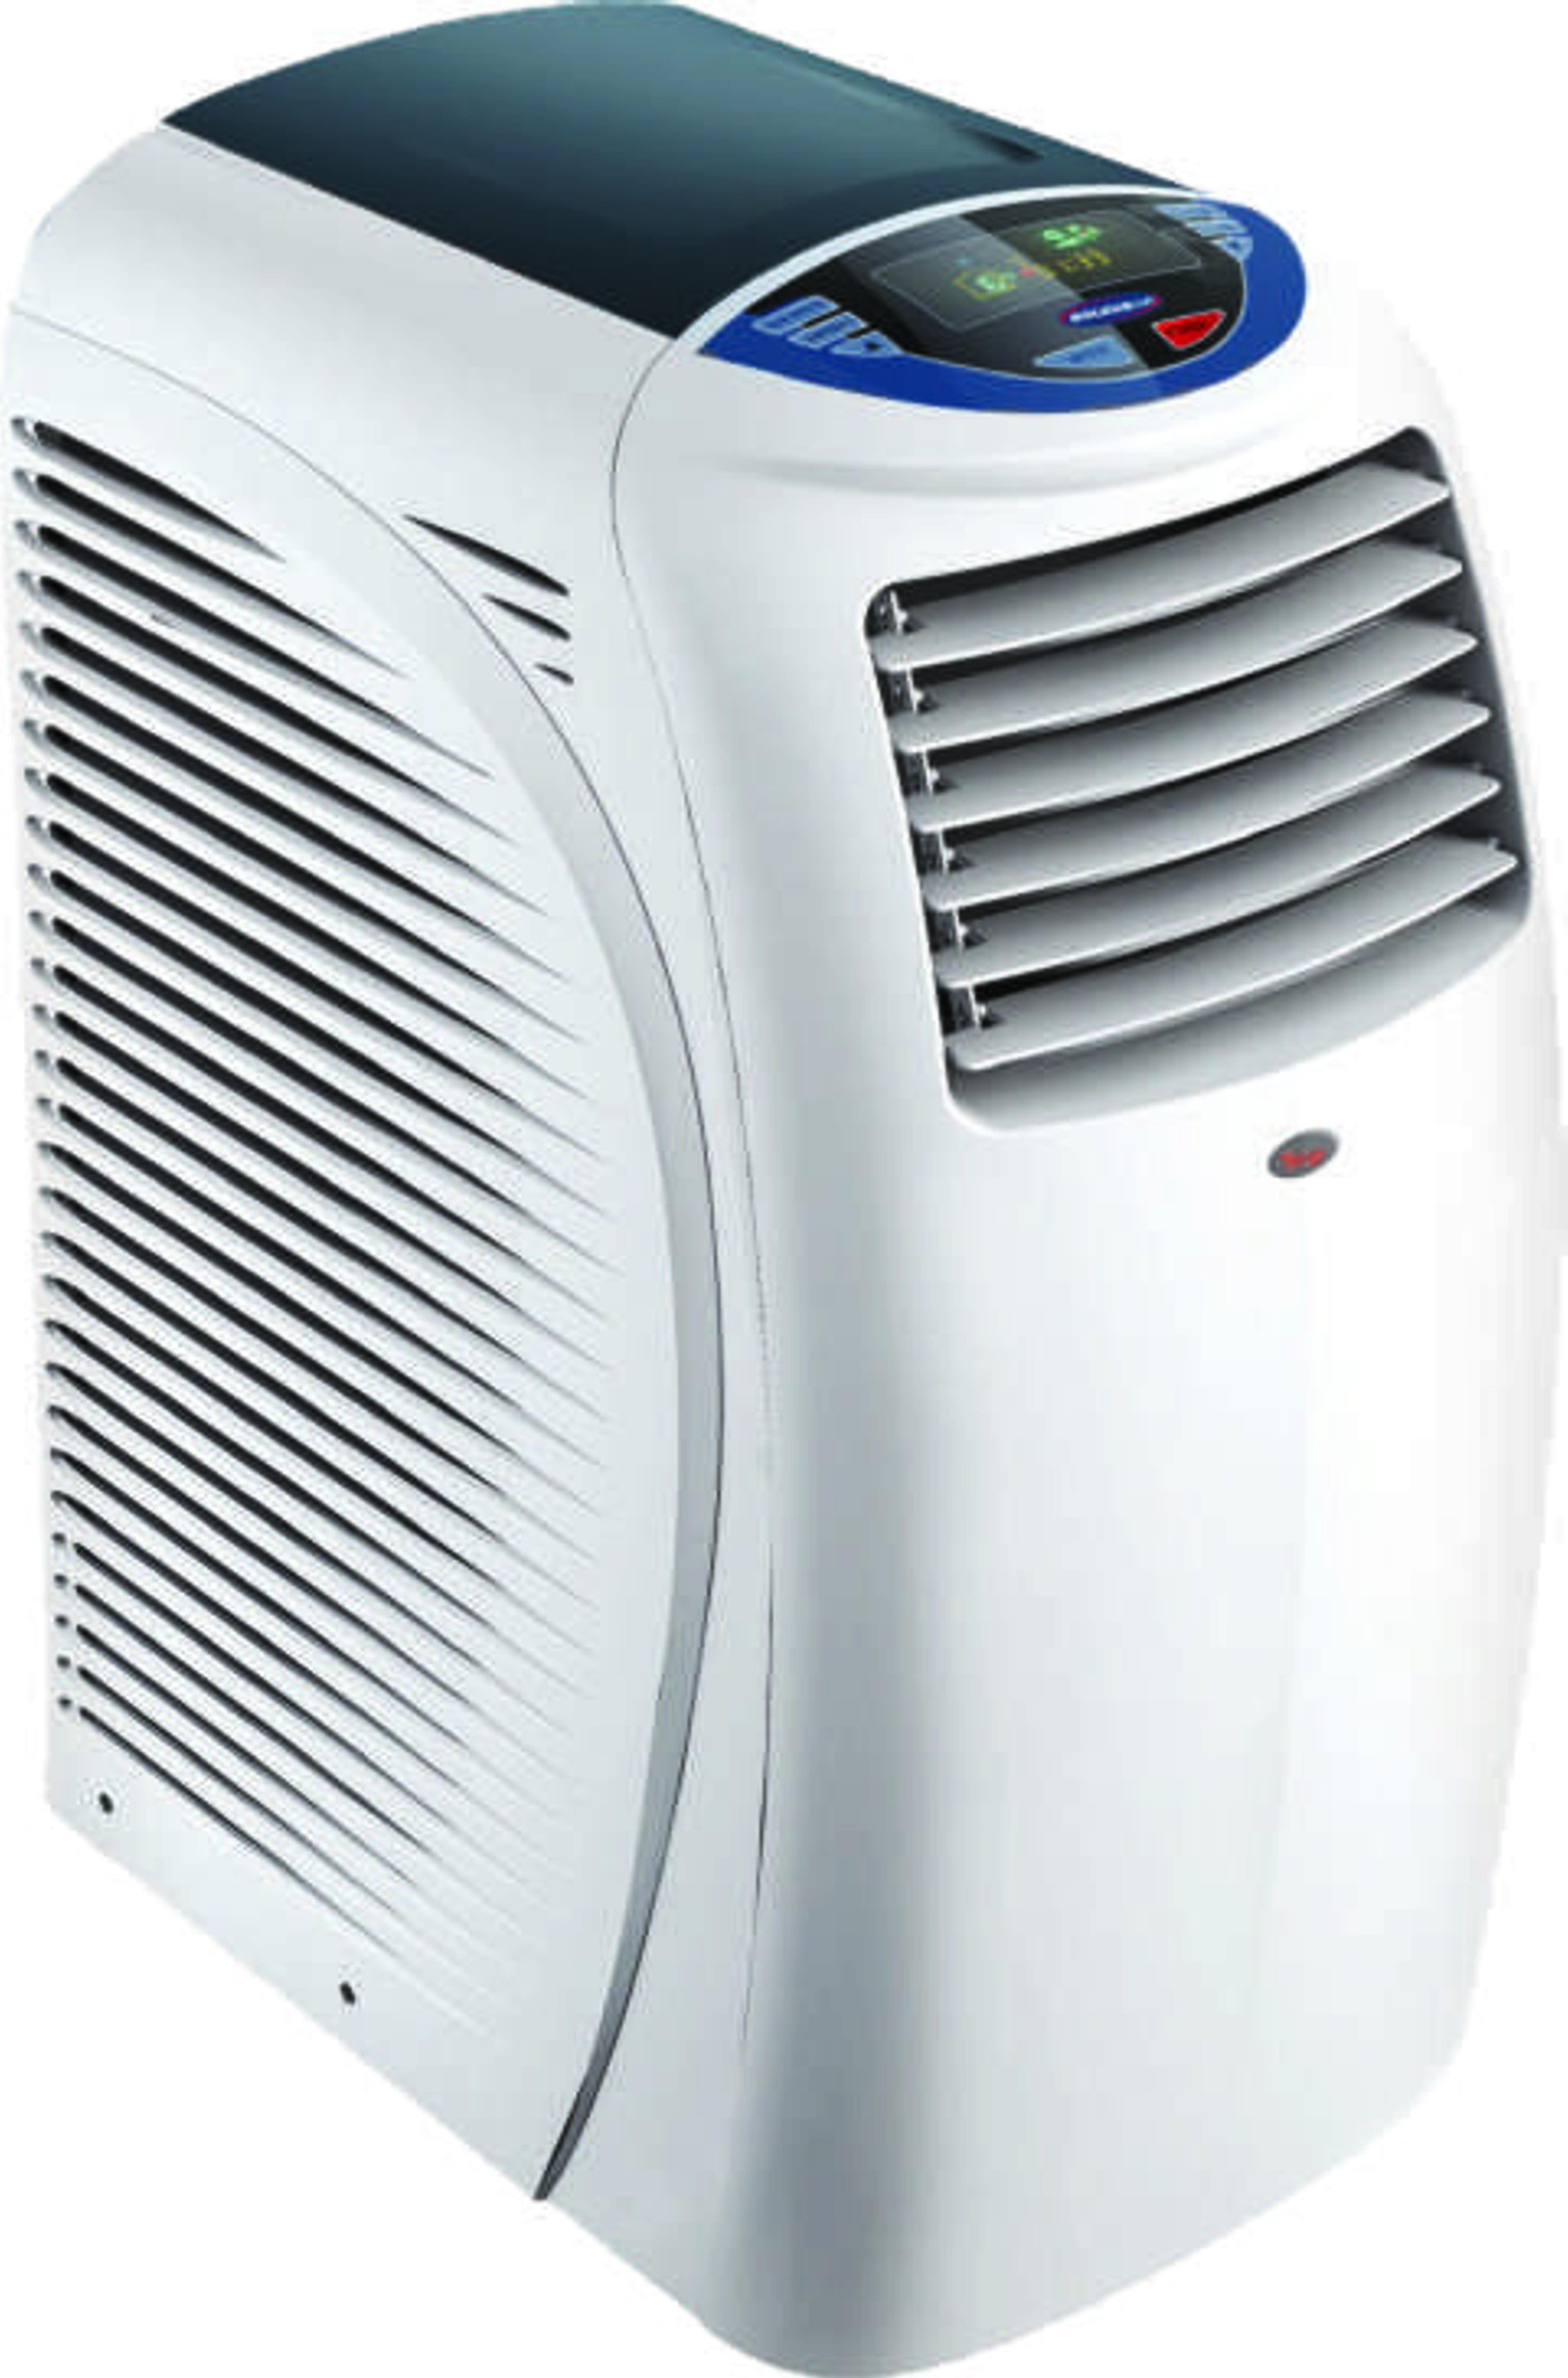 Sirge elettrodomestici condizionatore climatizzatore deumi - Climatizzatori portatili senza tubo ...